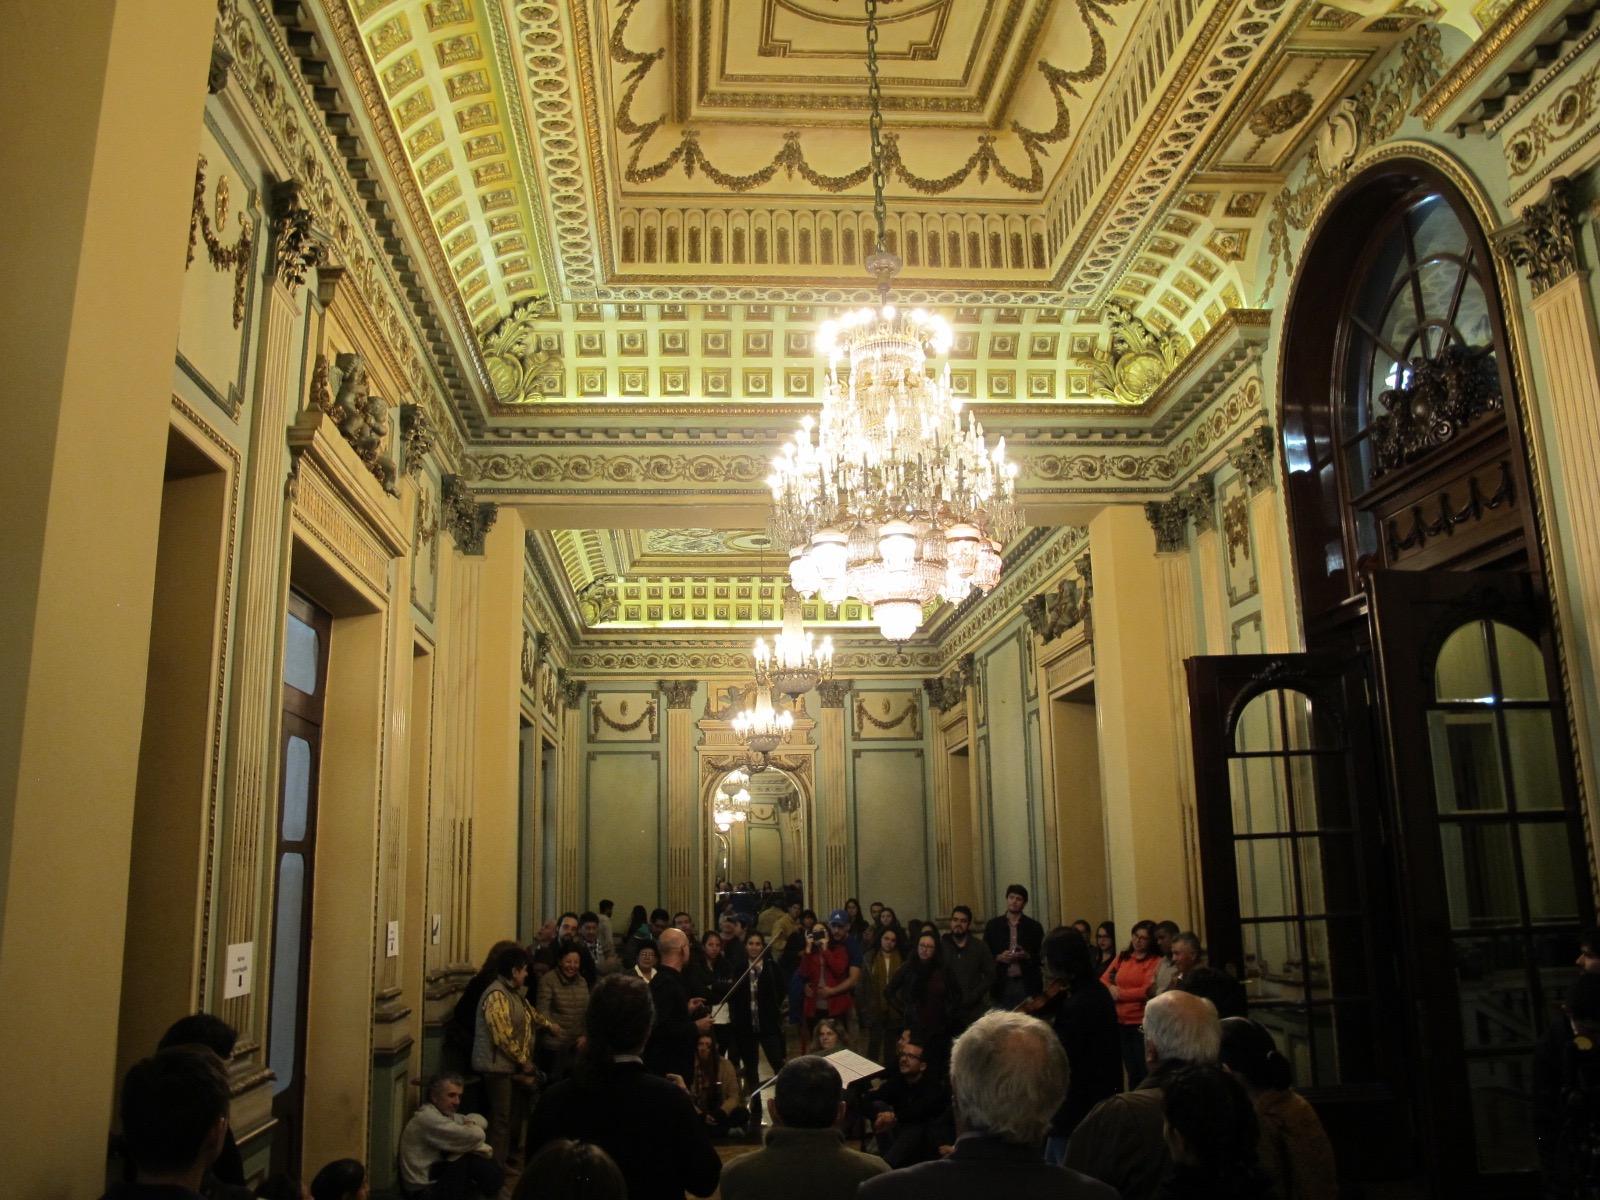 David Ballesteros tocando en el Salón de los Espejos en el Antiguo Circulo Militar. Centro histórico de Quito. Junio 2018